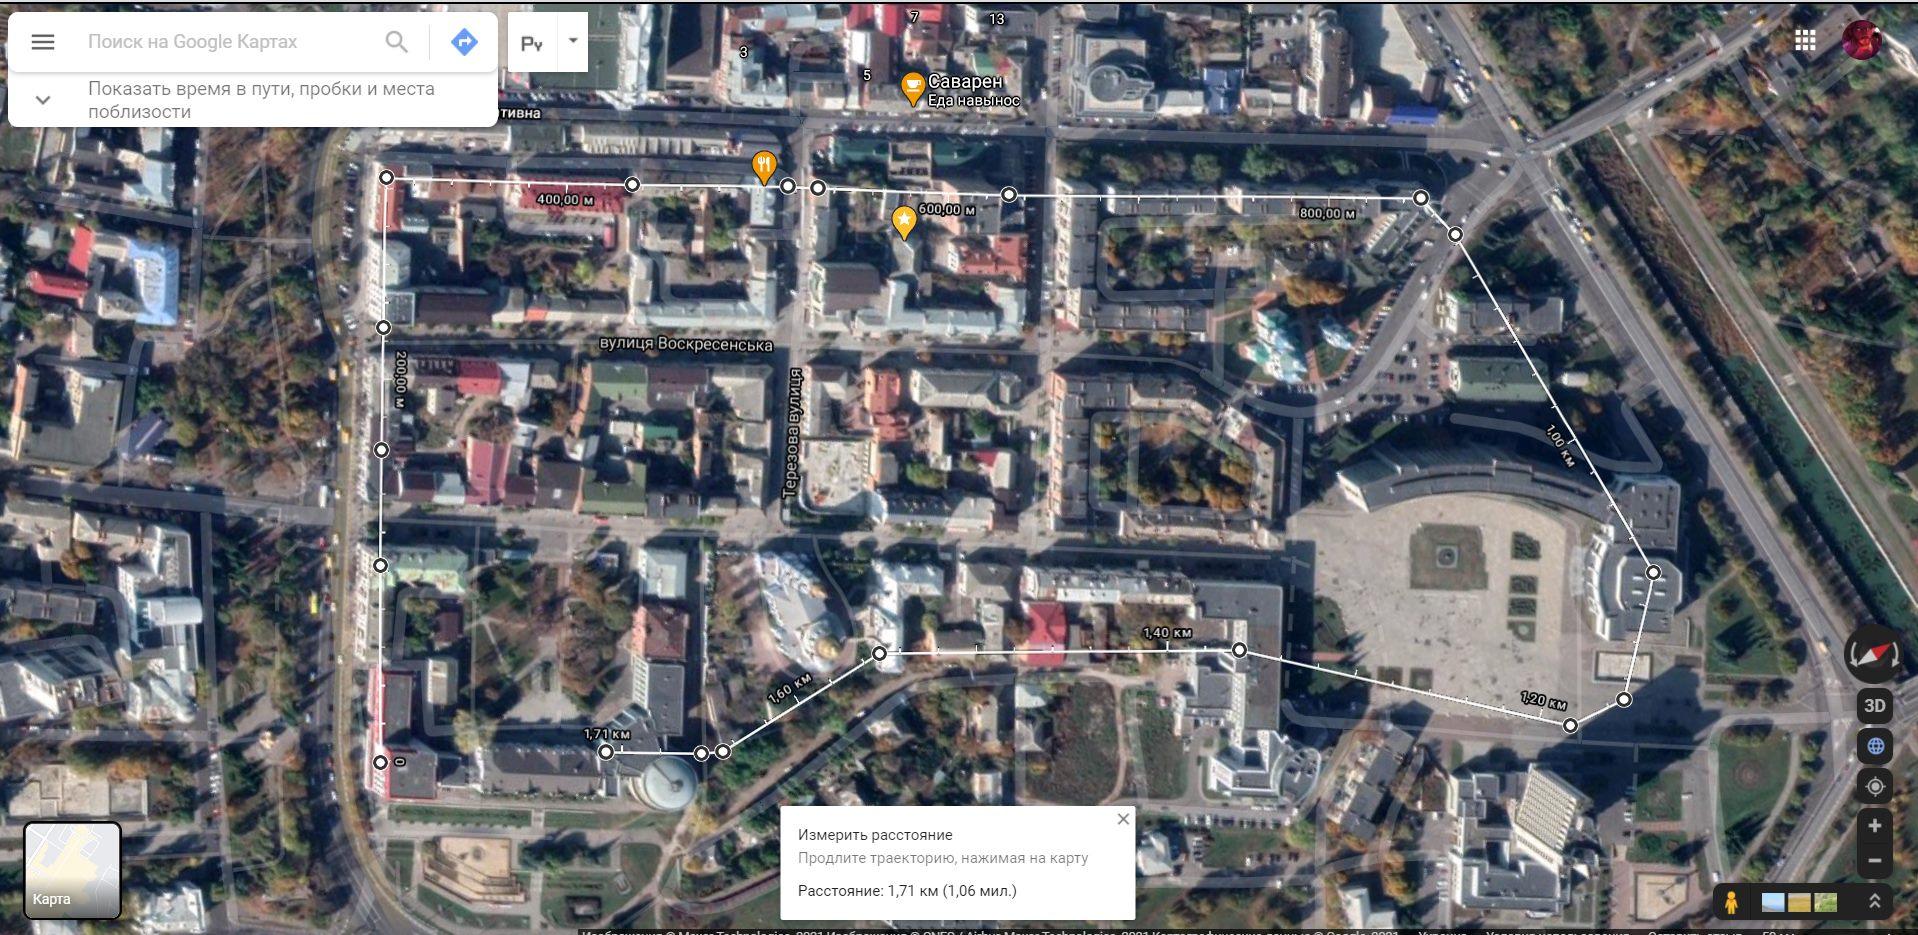 Розміщення оборонних укріплень Сумської фортеці. Аналіз виконаний на супутниковому знімку місцевості. Фото: Ігор Титаренко